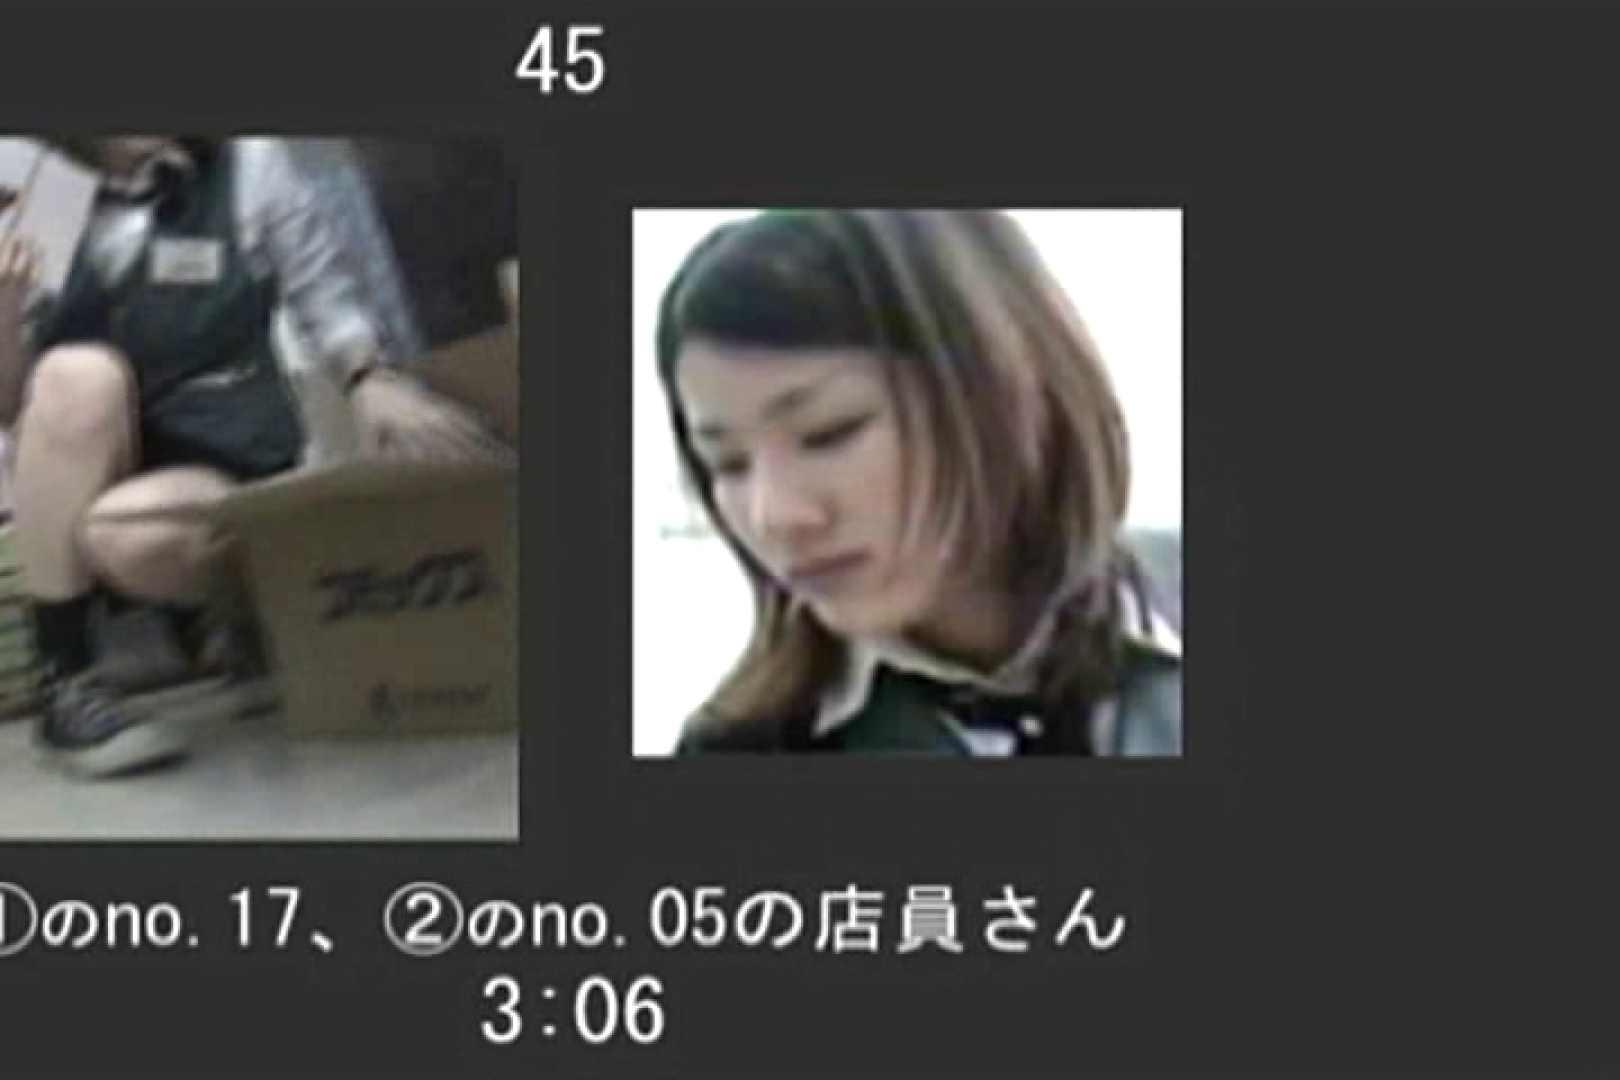 カメラぶっこみ!パンチラ奪取!!Vol.6 OL  93枚 16